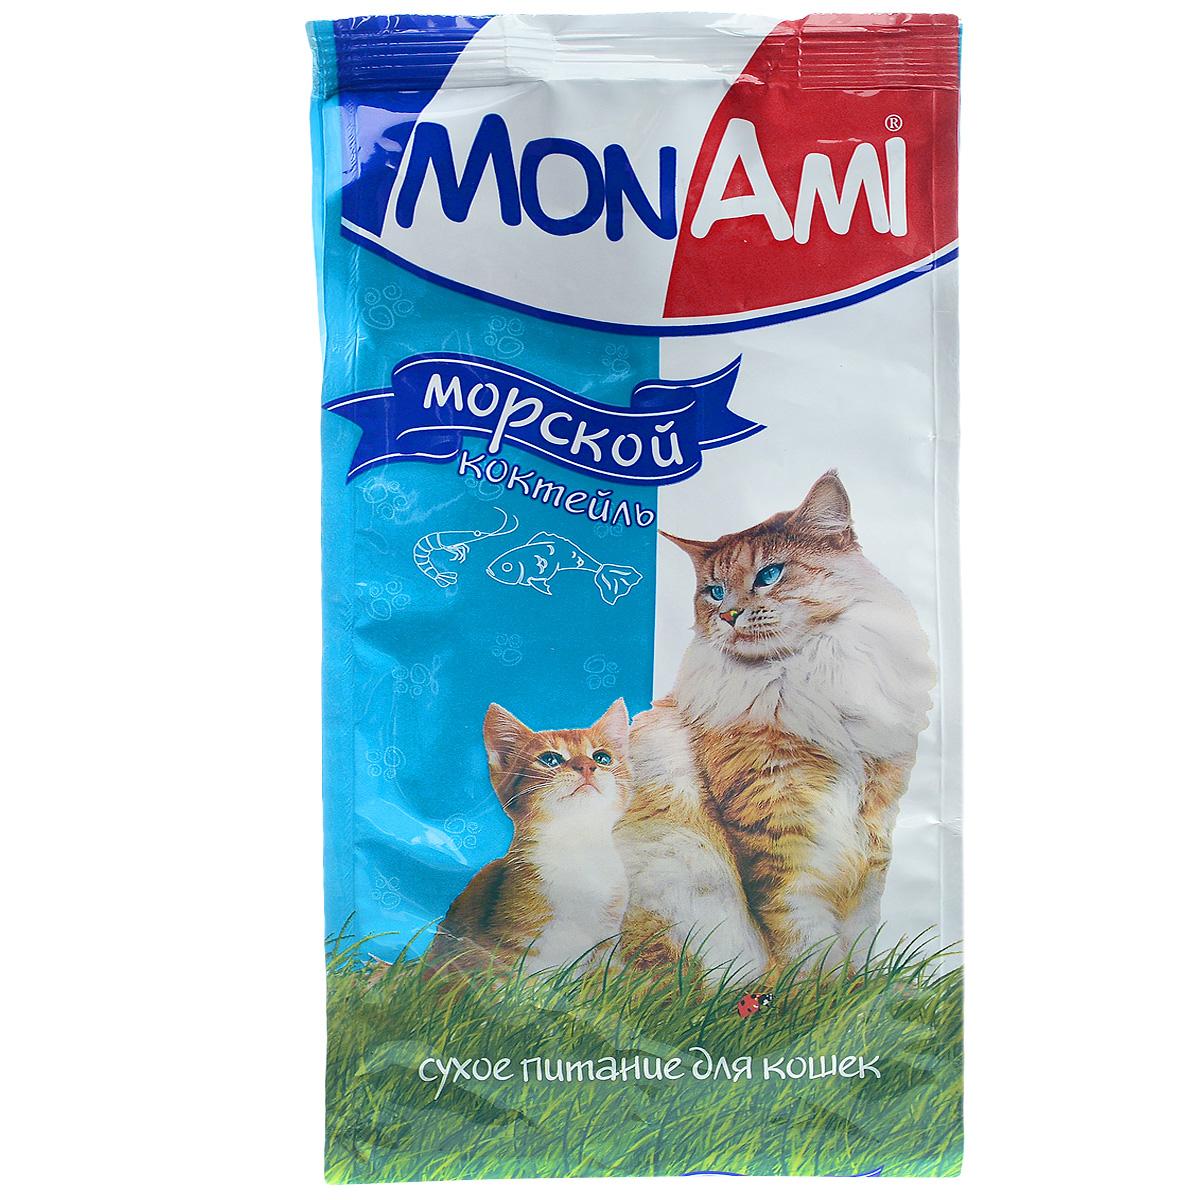 Корм сухой для кошек Mon Ami, с рыбой, 400 г0120710Сухой корм для кошек Mon Ami - это полноценное сбалансированное питание для кошек, разработанное с использованием современных технологий. Особенности рациона: Необходимое сочетание ингредиентов для достижения правильной усвояемости питательных веществ организмом. Источник линолевой кислоты и правильного уровня витаминов группы В благотворно влияют на кожу и шерсть. Таурин - для здоровья глаз и сердца. Состав: злаки (пшеница, рис), экстракт белка растительного происхождения, мясо и продукты животного происхождения, подсолнечное масло, минеральные добавки, гидролизованная печень, рыба и продукты переработки рыбы, пульпа сахарной свеклы (жом), витамины, пивные дрожжи, таурин, антиоксидант. Анализ: сырой протеин 30%, сырой жир 10%, сырая зола 7%, сырая клетчатка 2,5%, влажность 10%, фосфор 0,9%, кальций 1,05%, витамин А 5000 МЕ/кг, витамин Д 500 МЕ/кг, витамин Е 30 мг/кг. Энергетическая ценность: 333 ккал/100 г. Товар сертифицирован.